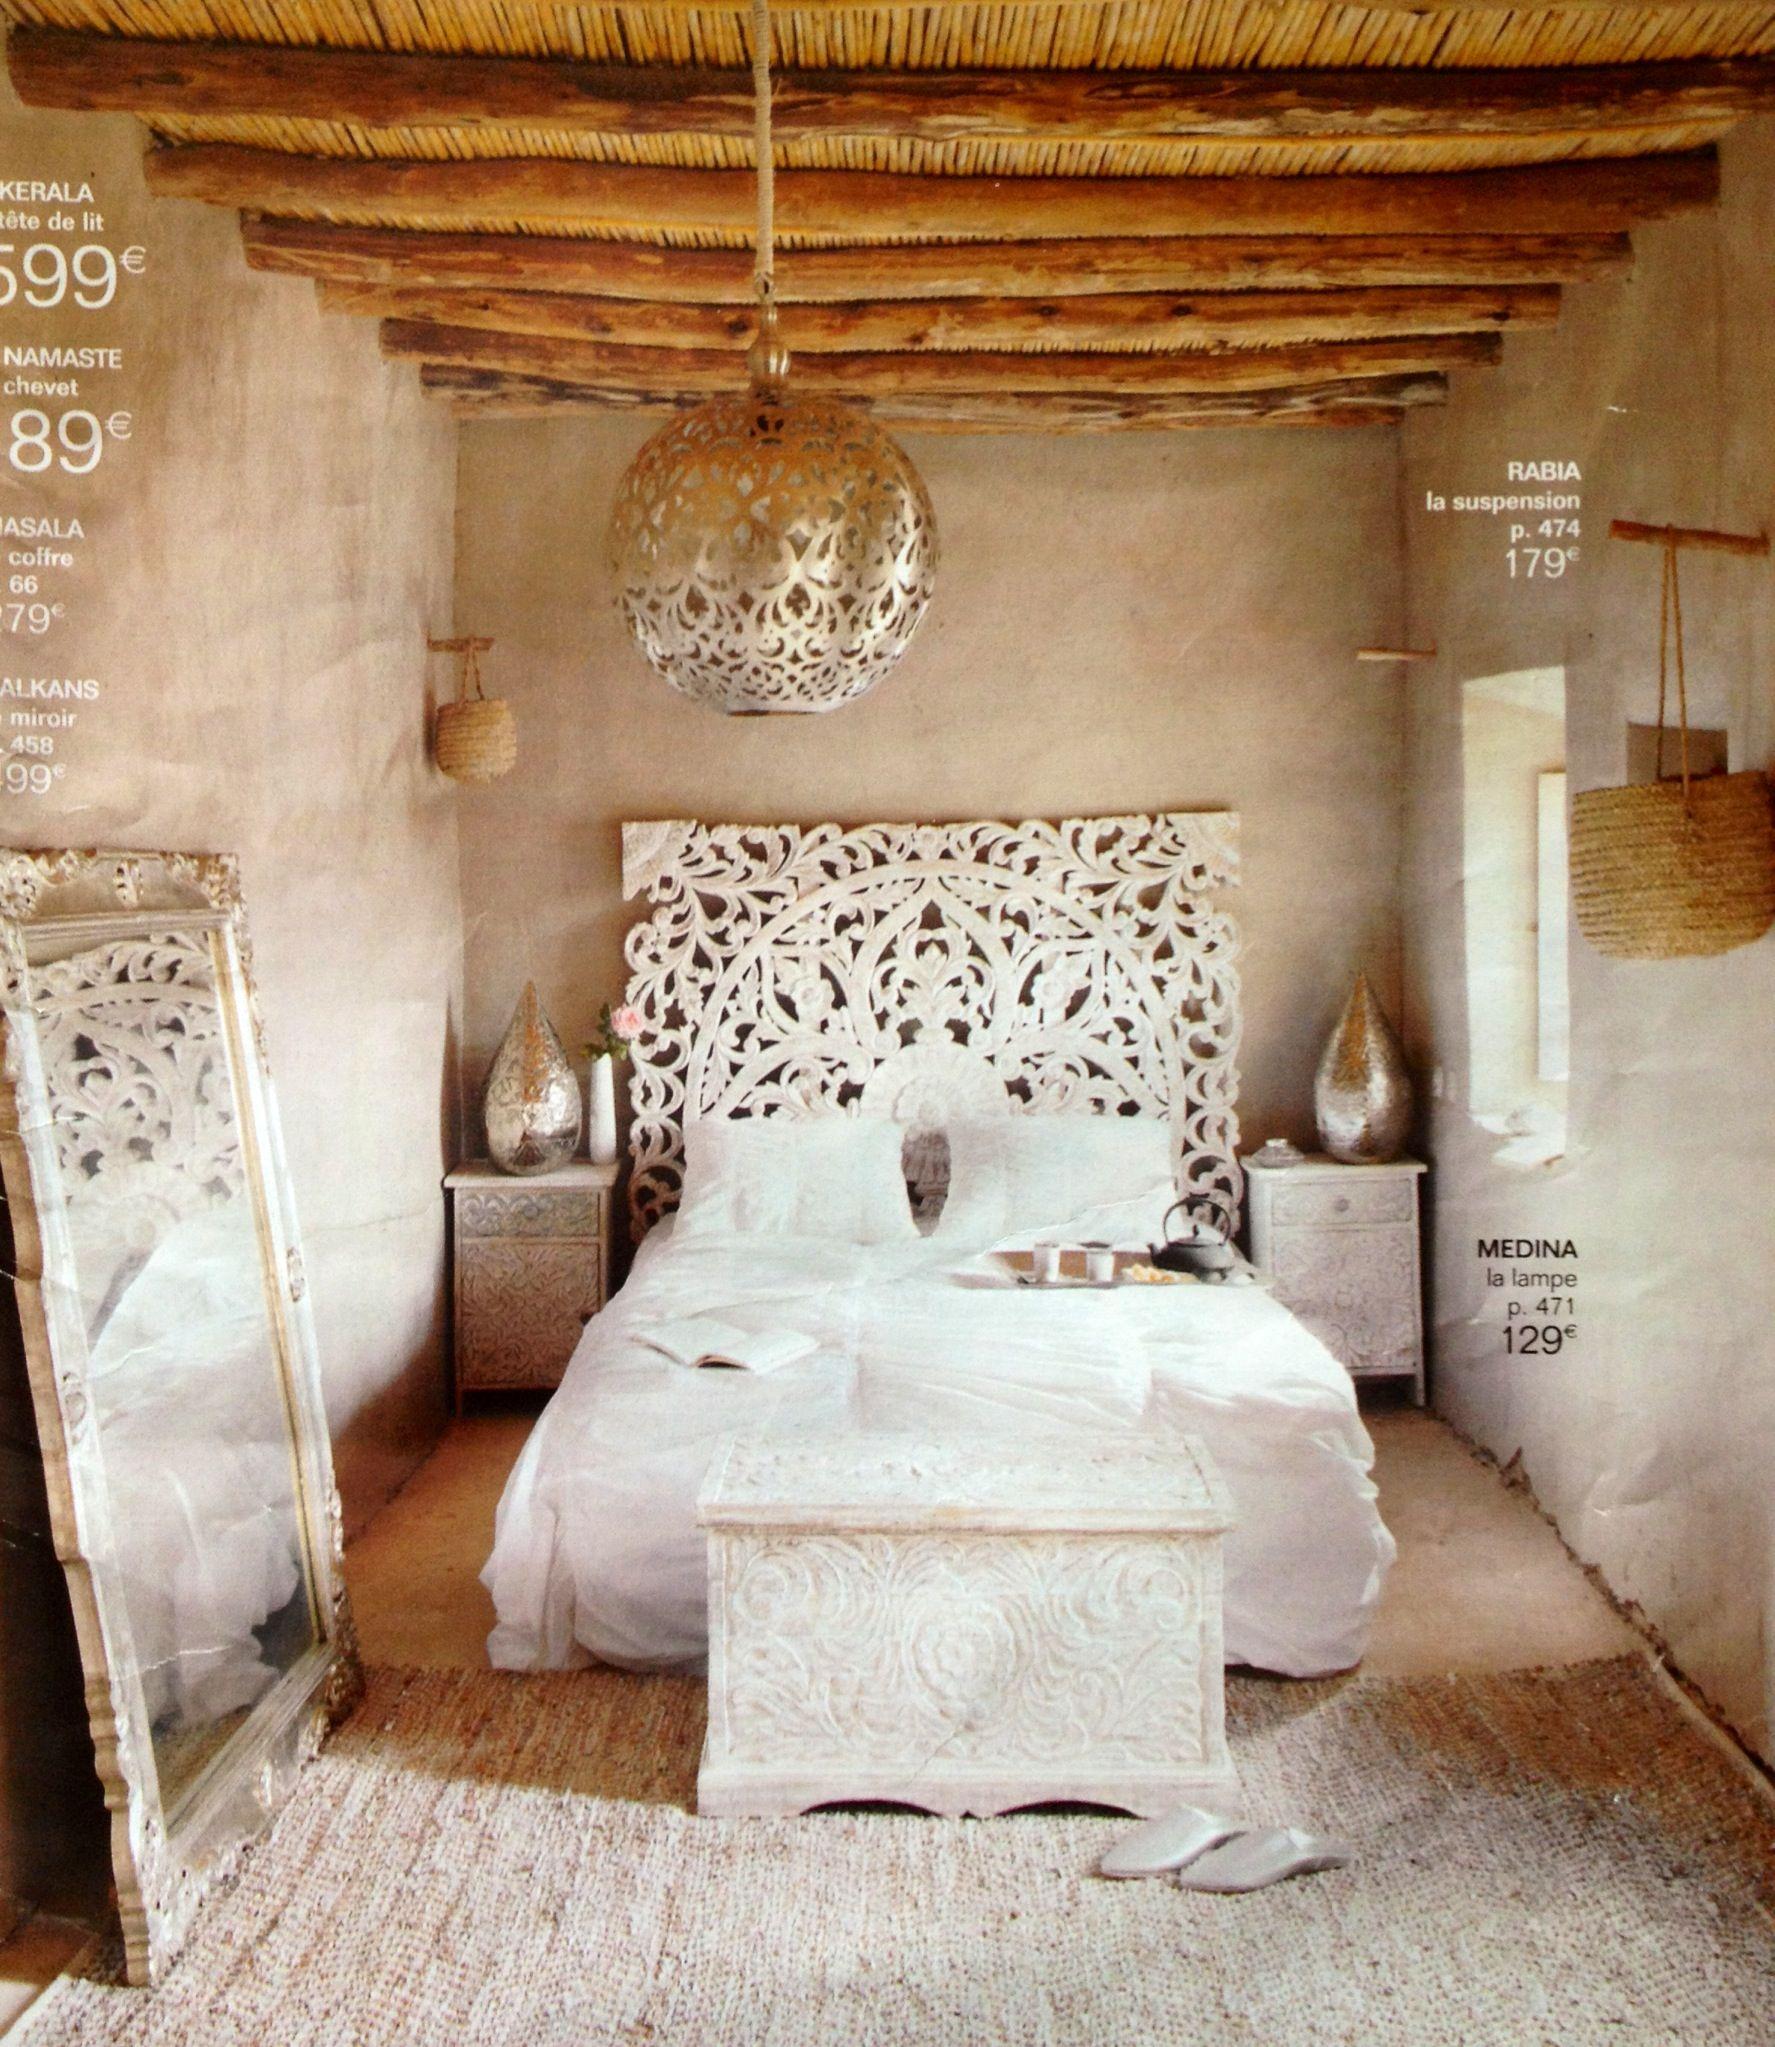 Trendy Inspiration Orientalisch Einrichten 1001 Nacht: Scandinavian White Interiors With An Indian Twist